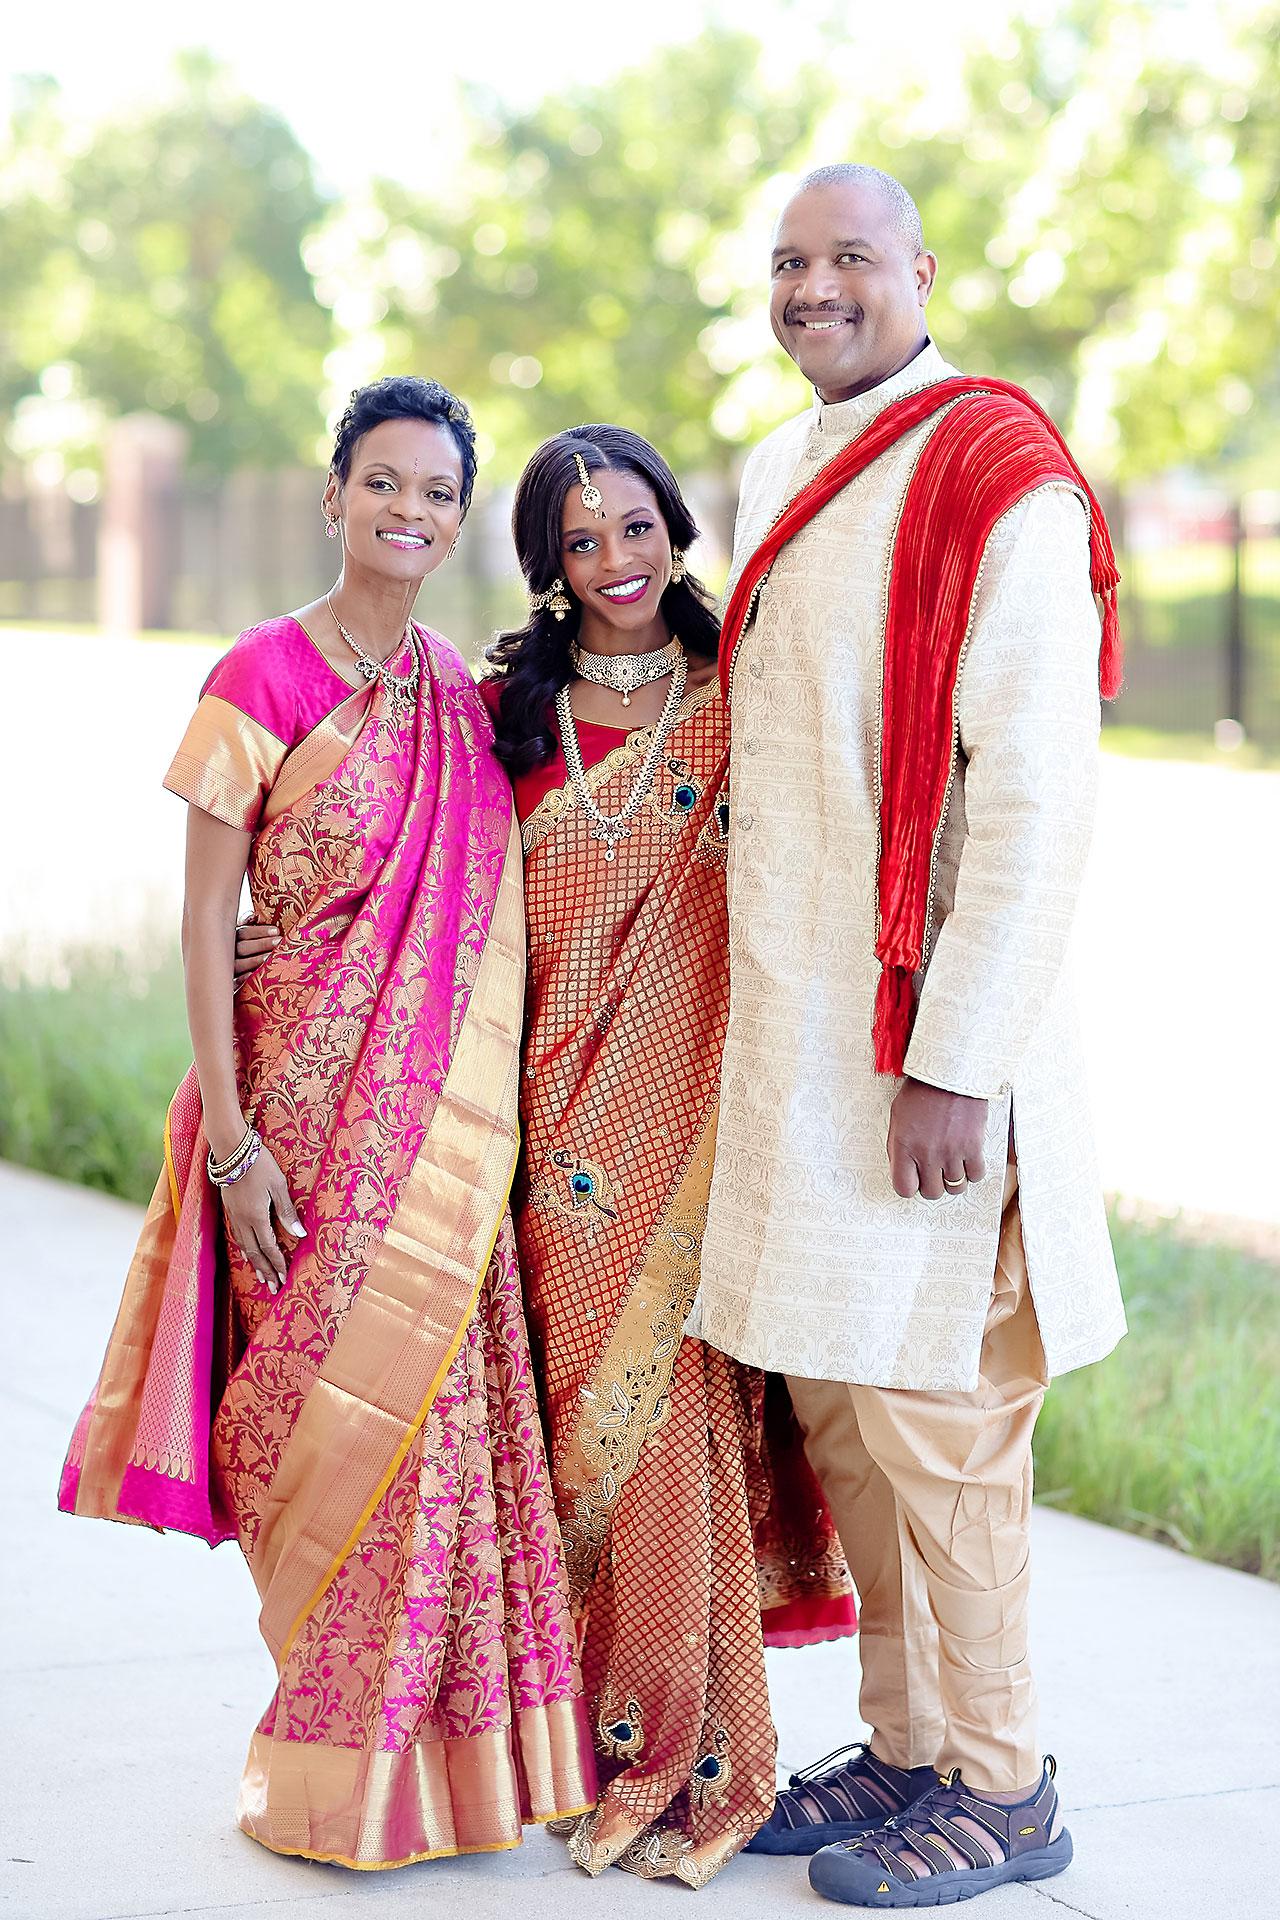 Joie Nikhil JW Marriott Indian Wedding 097